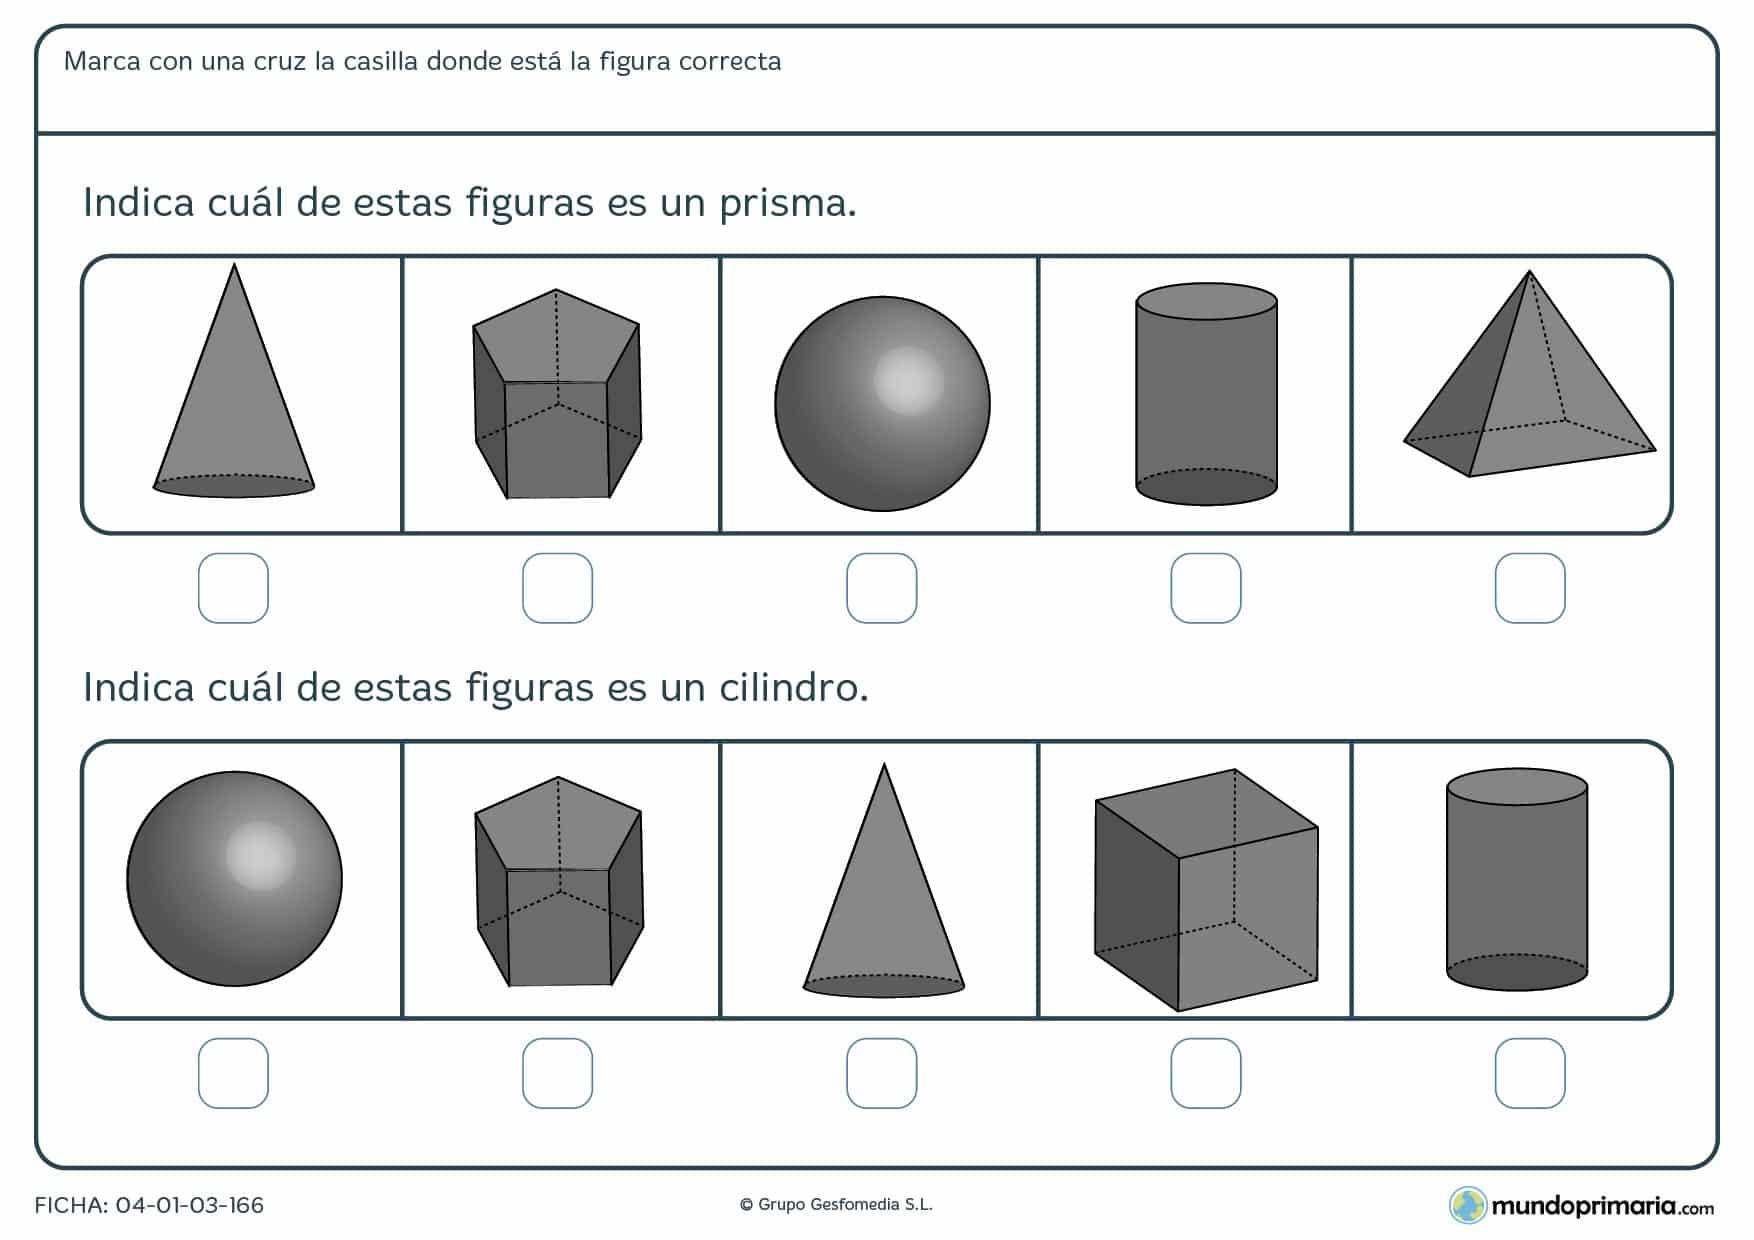 Ficha de identificar prismas, cubos, esferas, y otras figuras que te proponemos. Has de marcar la correcta.